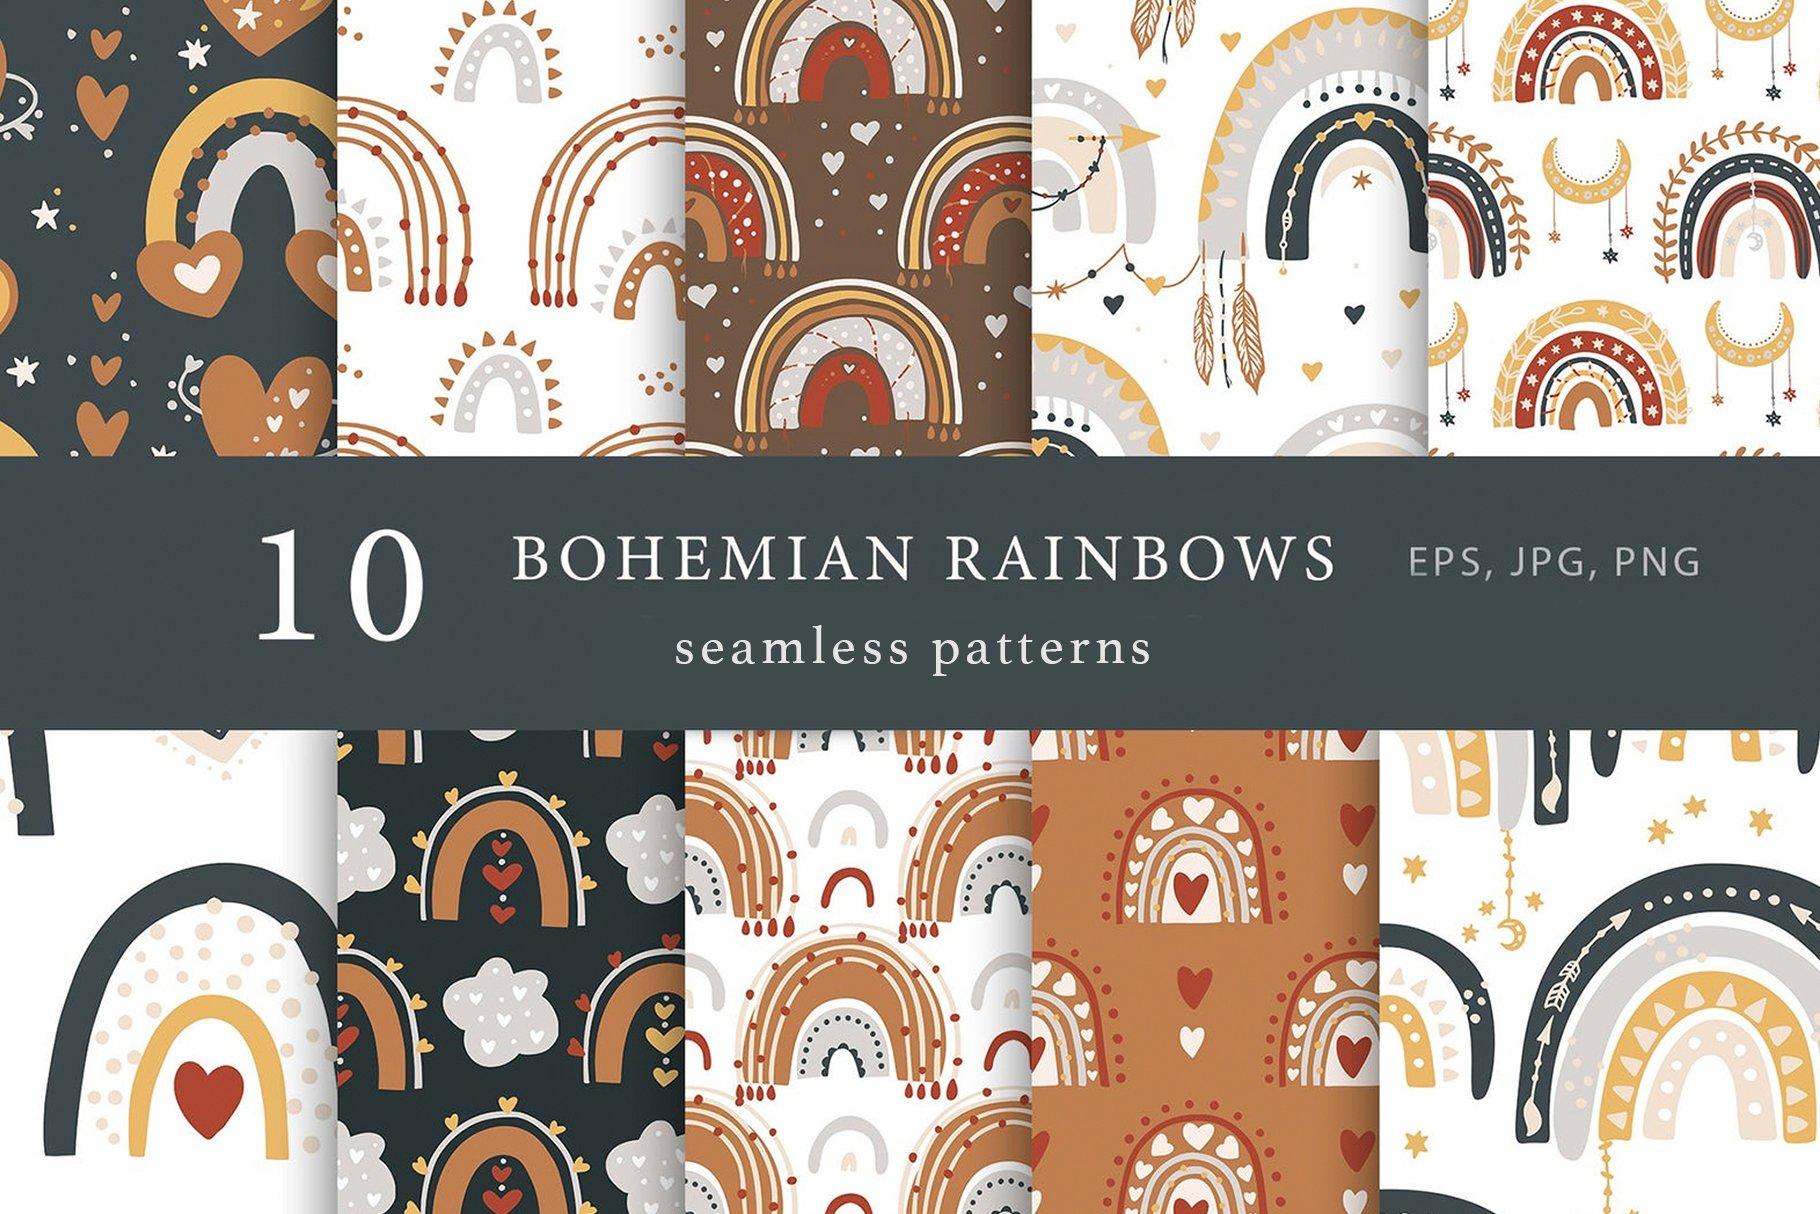 103款波西米亚风动物花卉月亮天体彩虹女孩手绘插画无缝隙图案矢量素材 Seamless Boho Pattern Bundle插图3